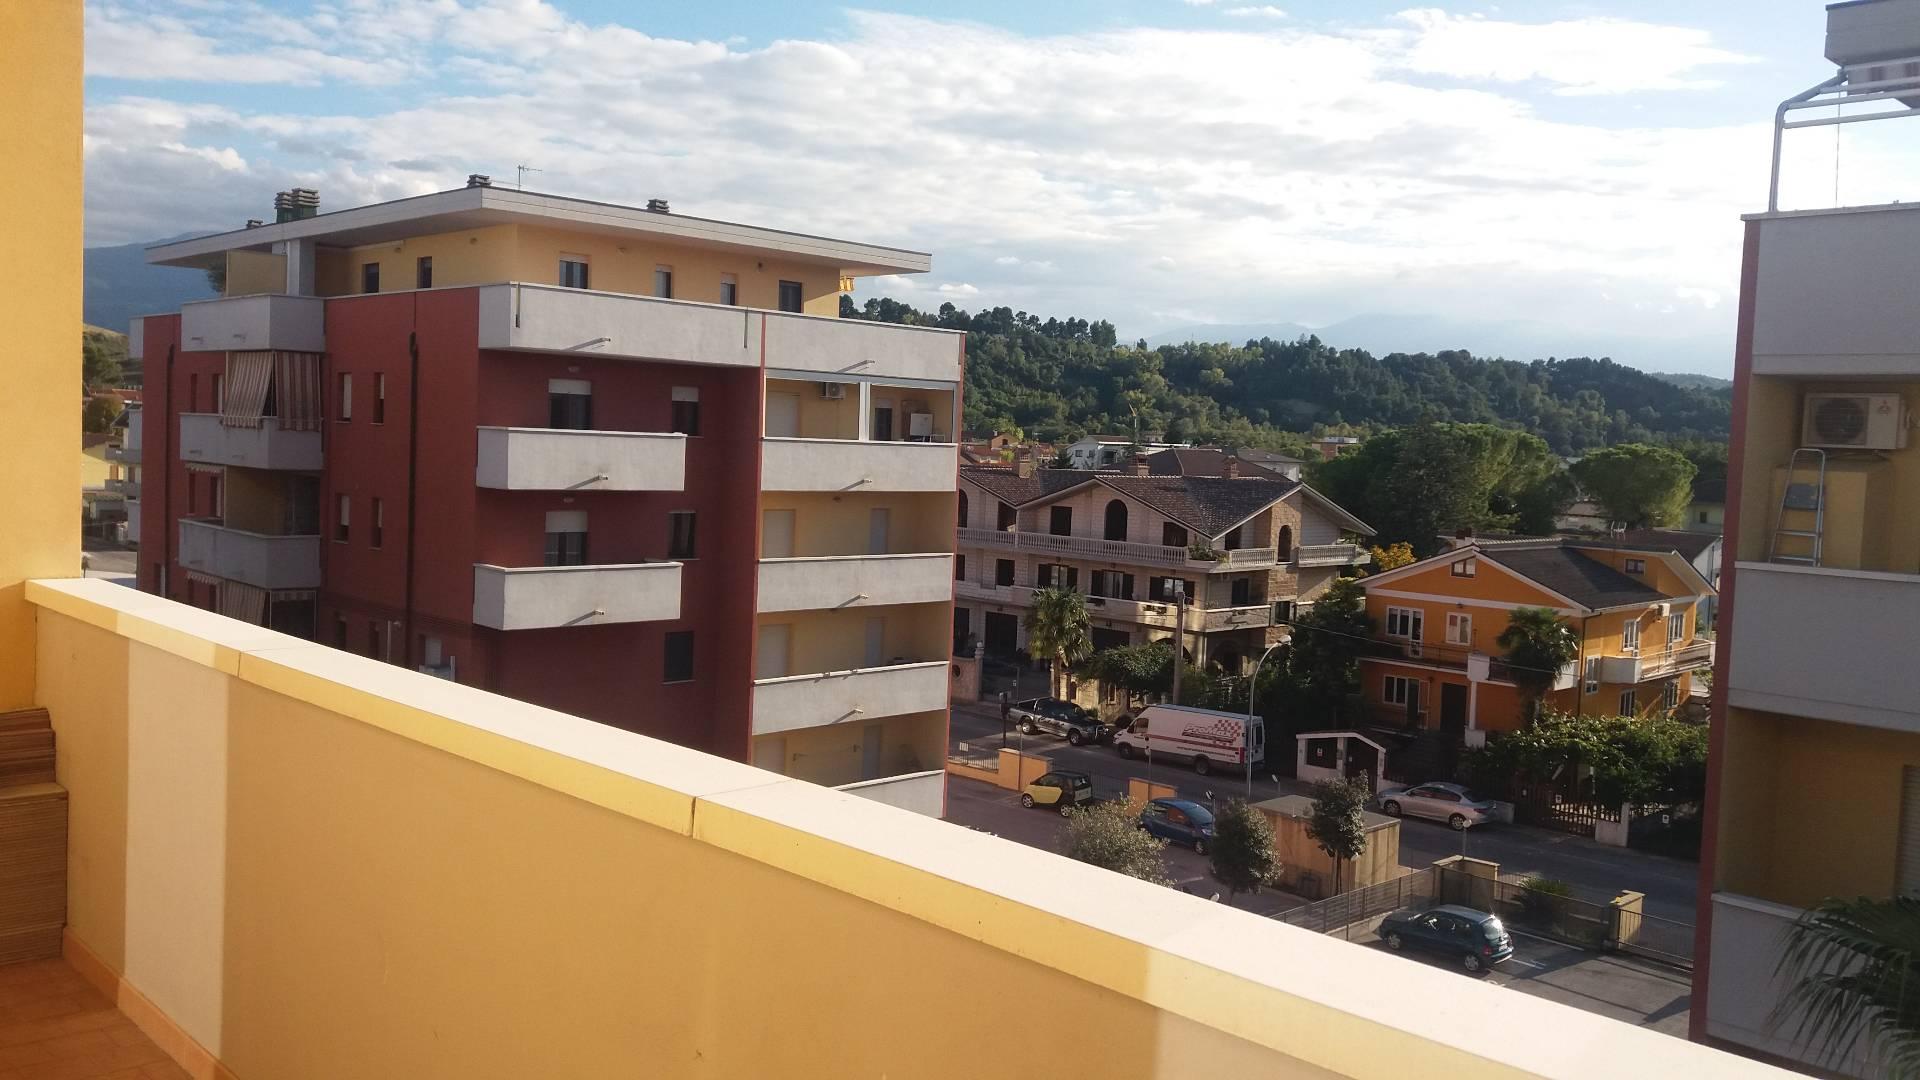 Appartamento in affitto a Manoppello, 5 locali, zona Località: ManoppelloScalo, prezzo € 400 | CambioCasa.it